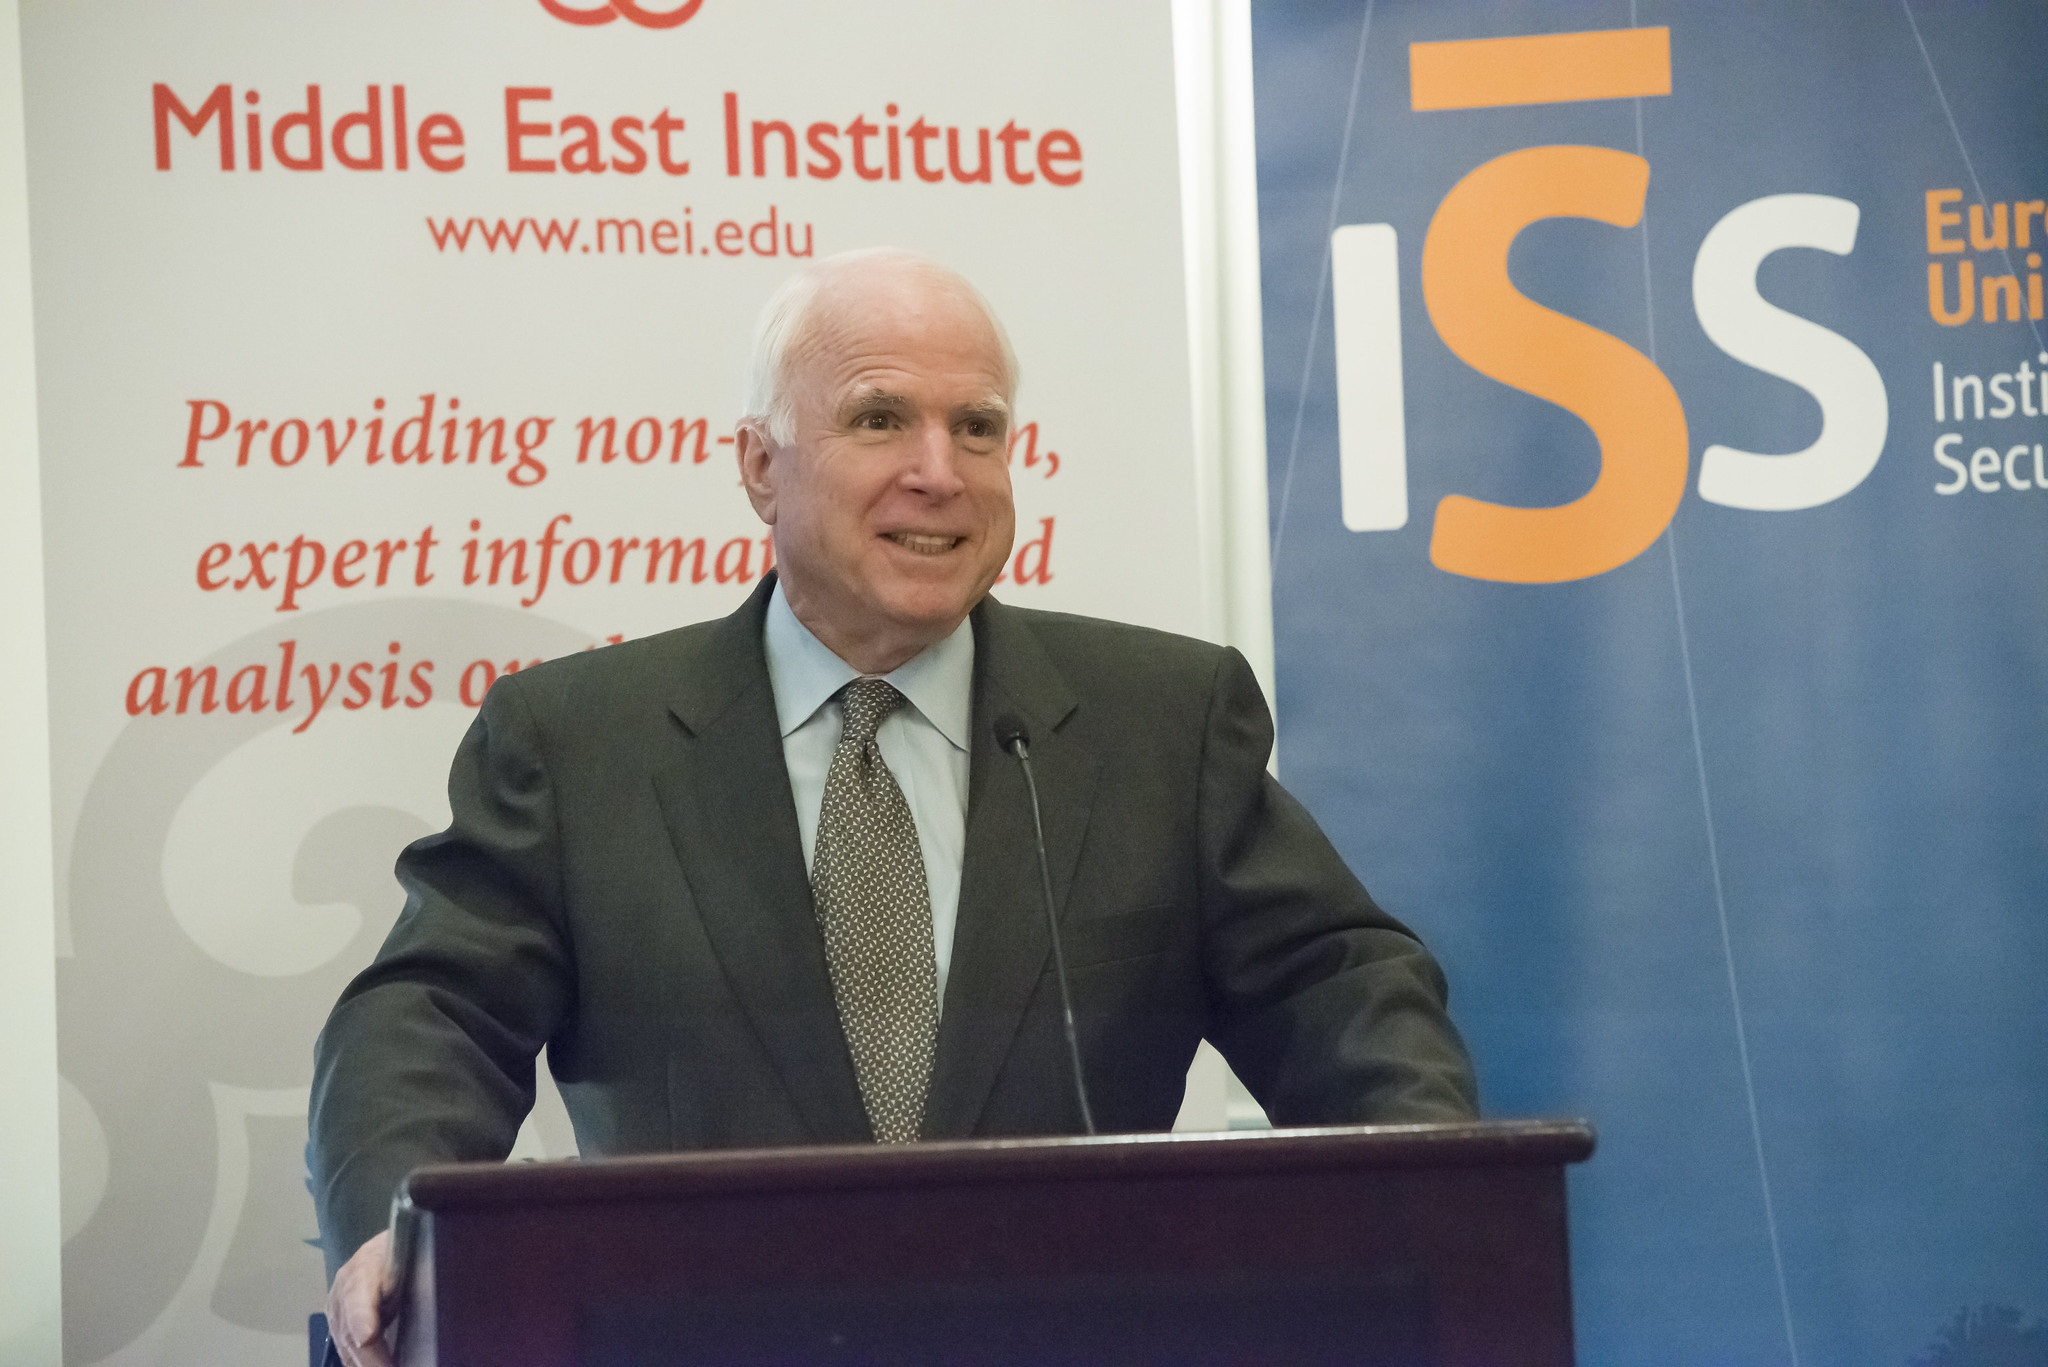 Keynote speech by John McCain